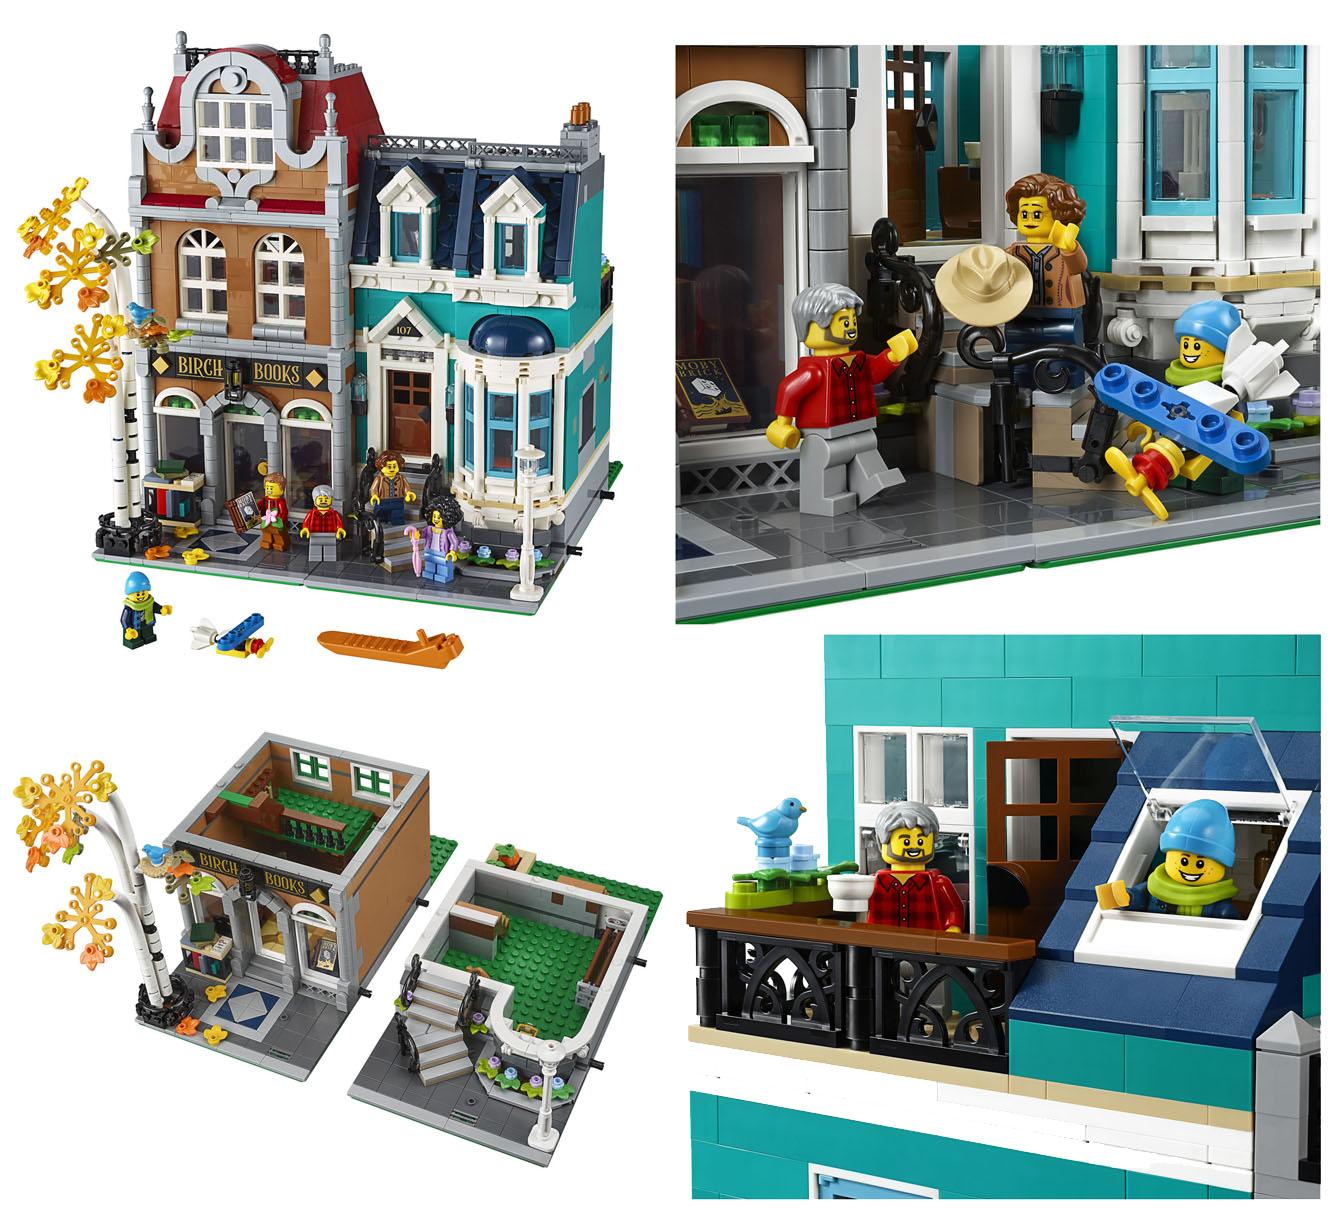 10270 街の本屋:レゴ(LEGO) クリエイター・エキスパート